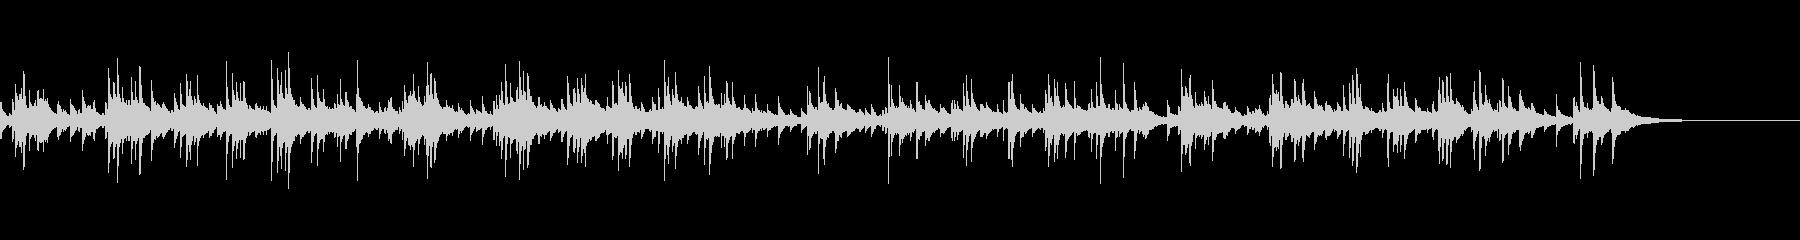 古めの音色のアップライトピアノのバラードの未再生の波形